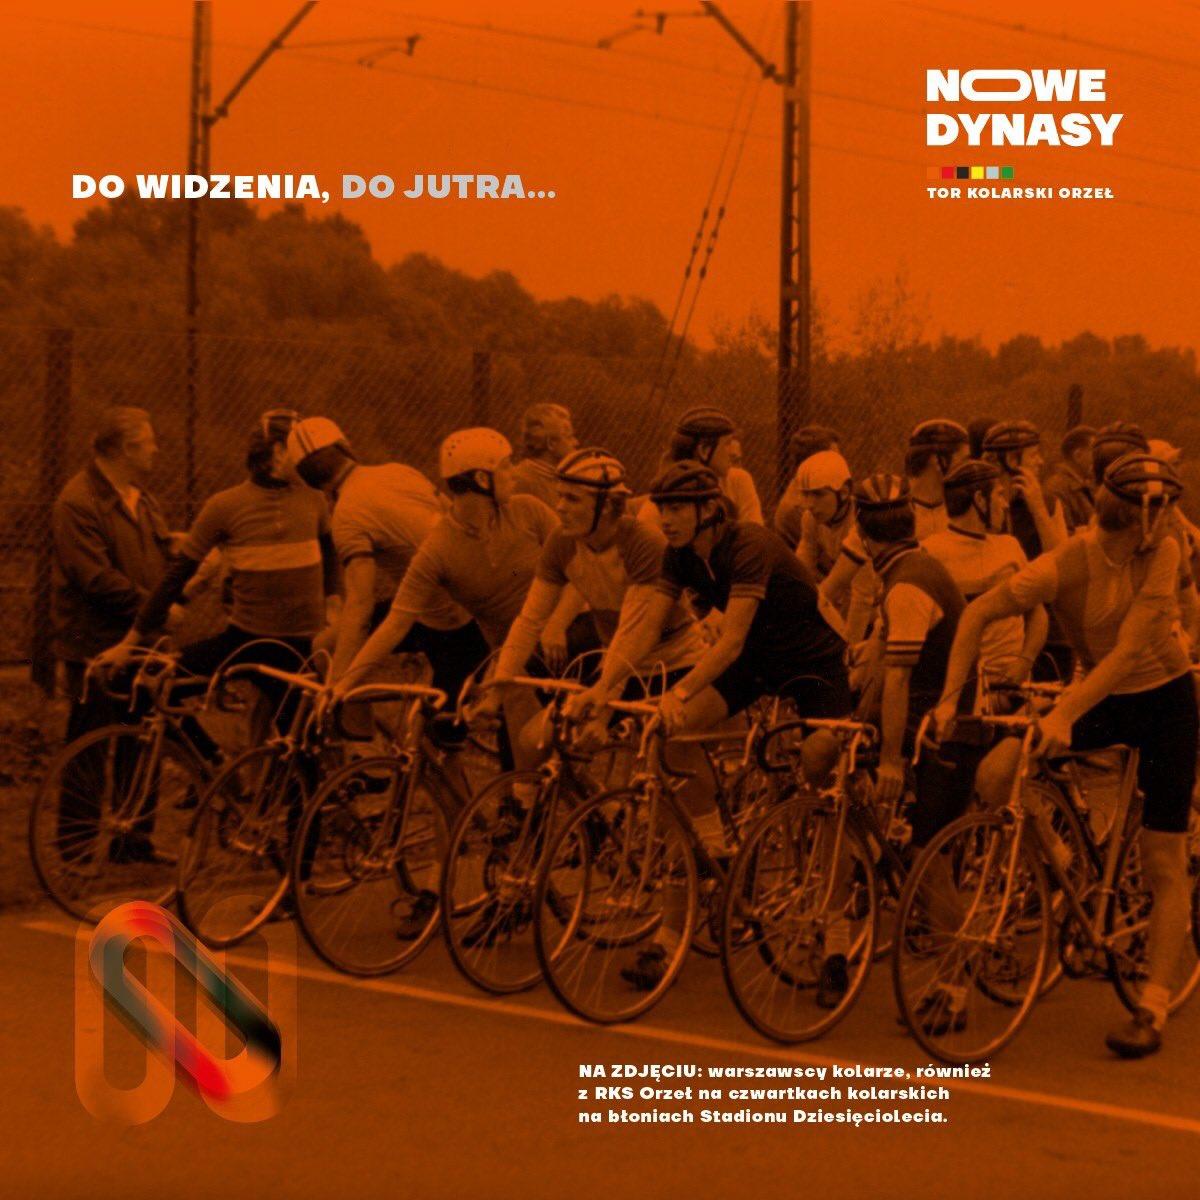 Urodziny toru kolarskiego Orzeł